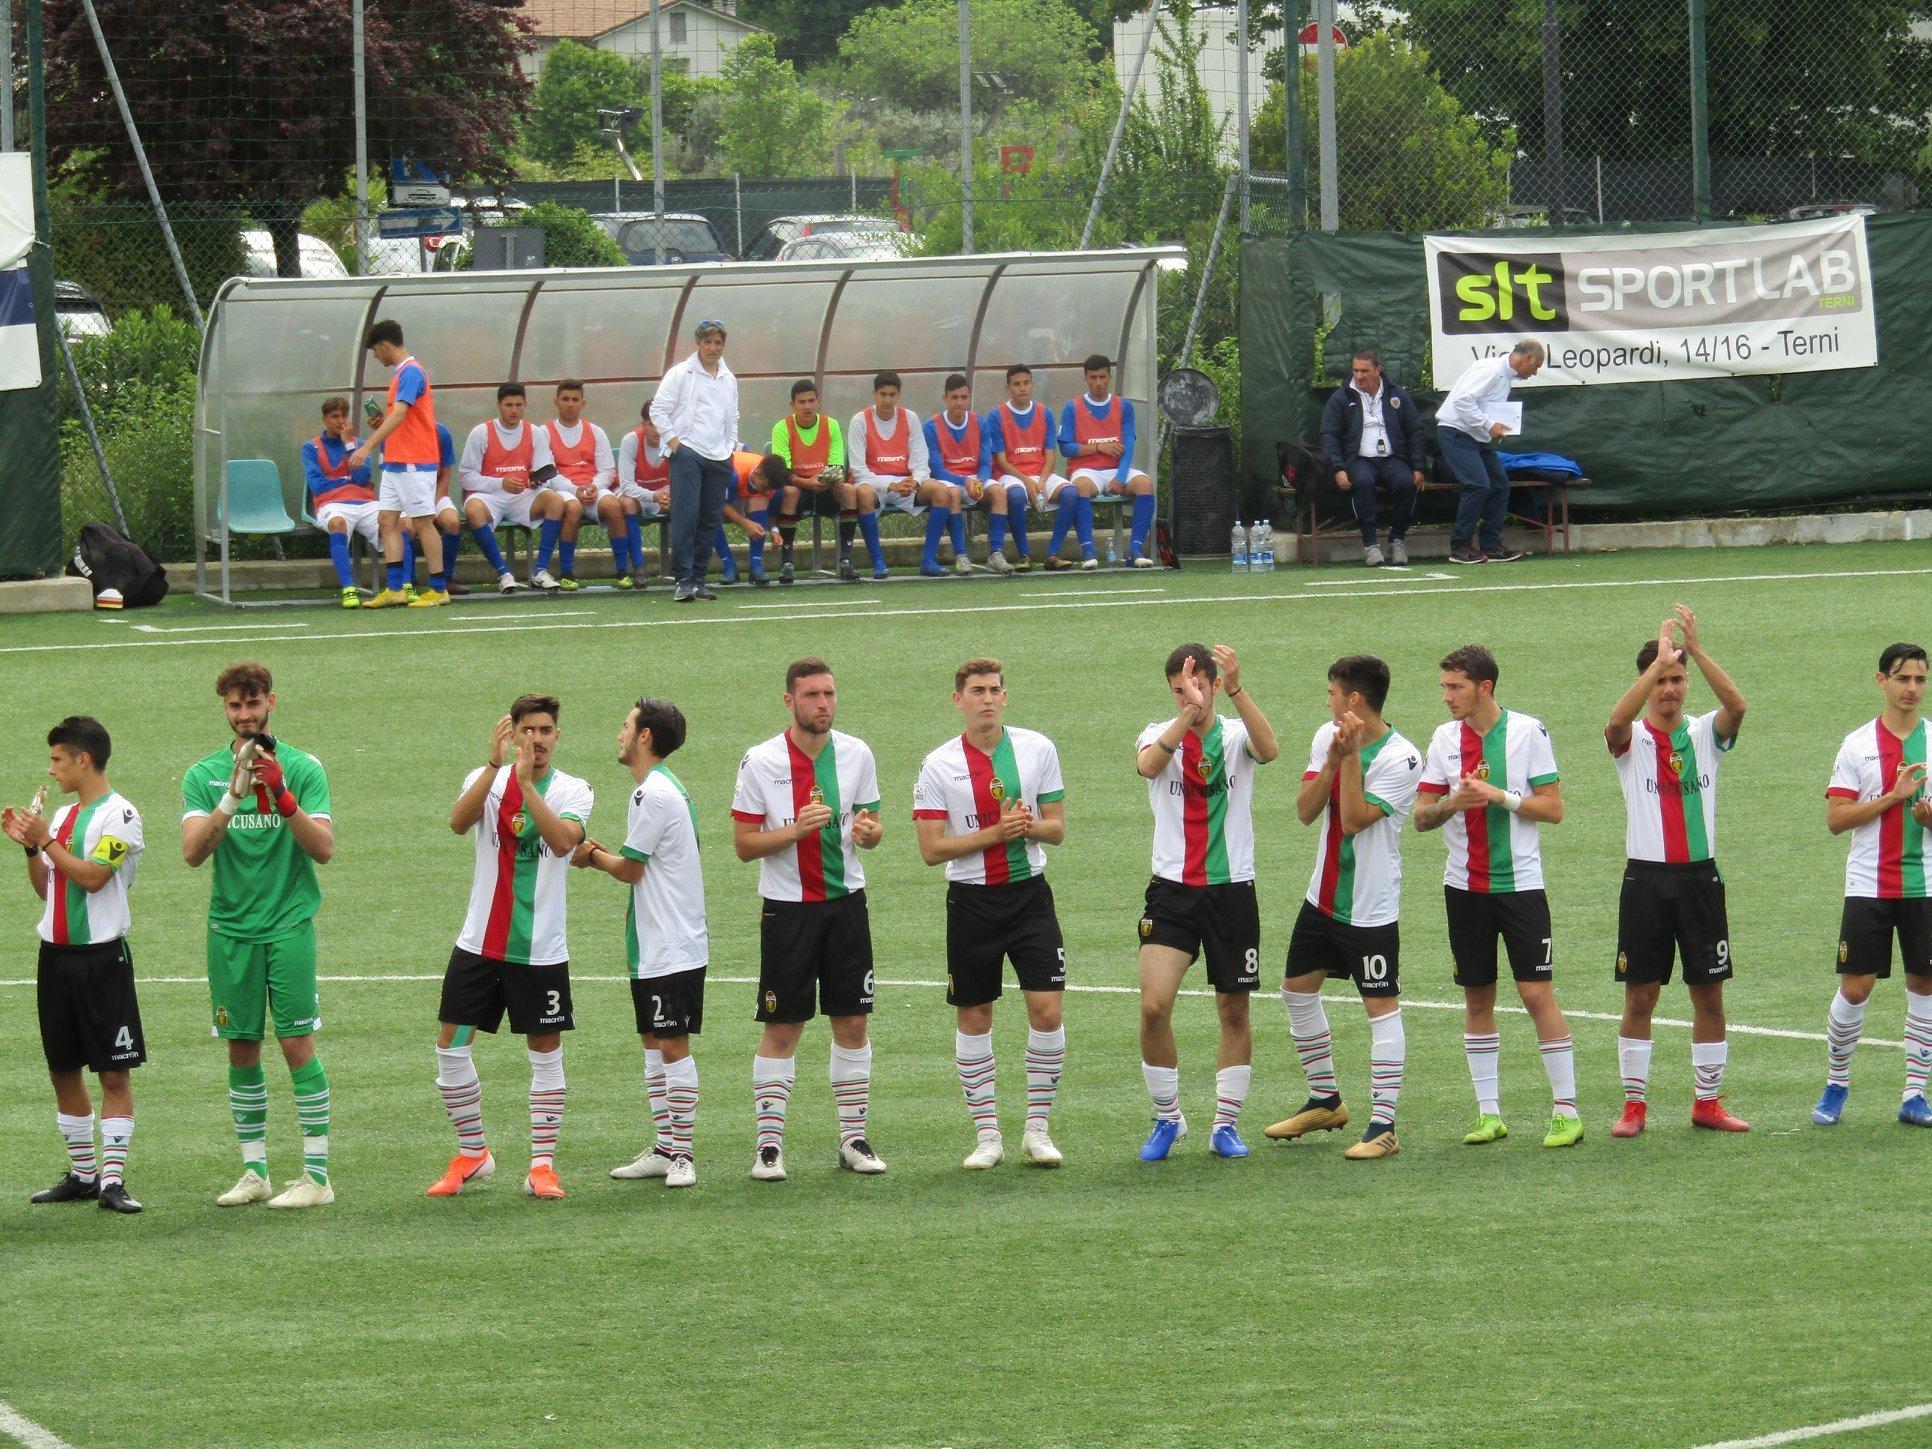 Ternana-Siracusa Berretti 3-1, le foto gallery della partita